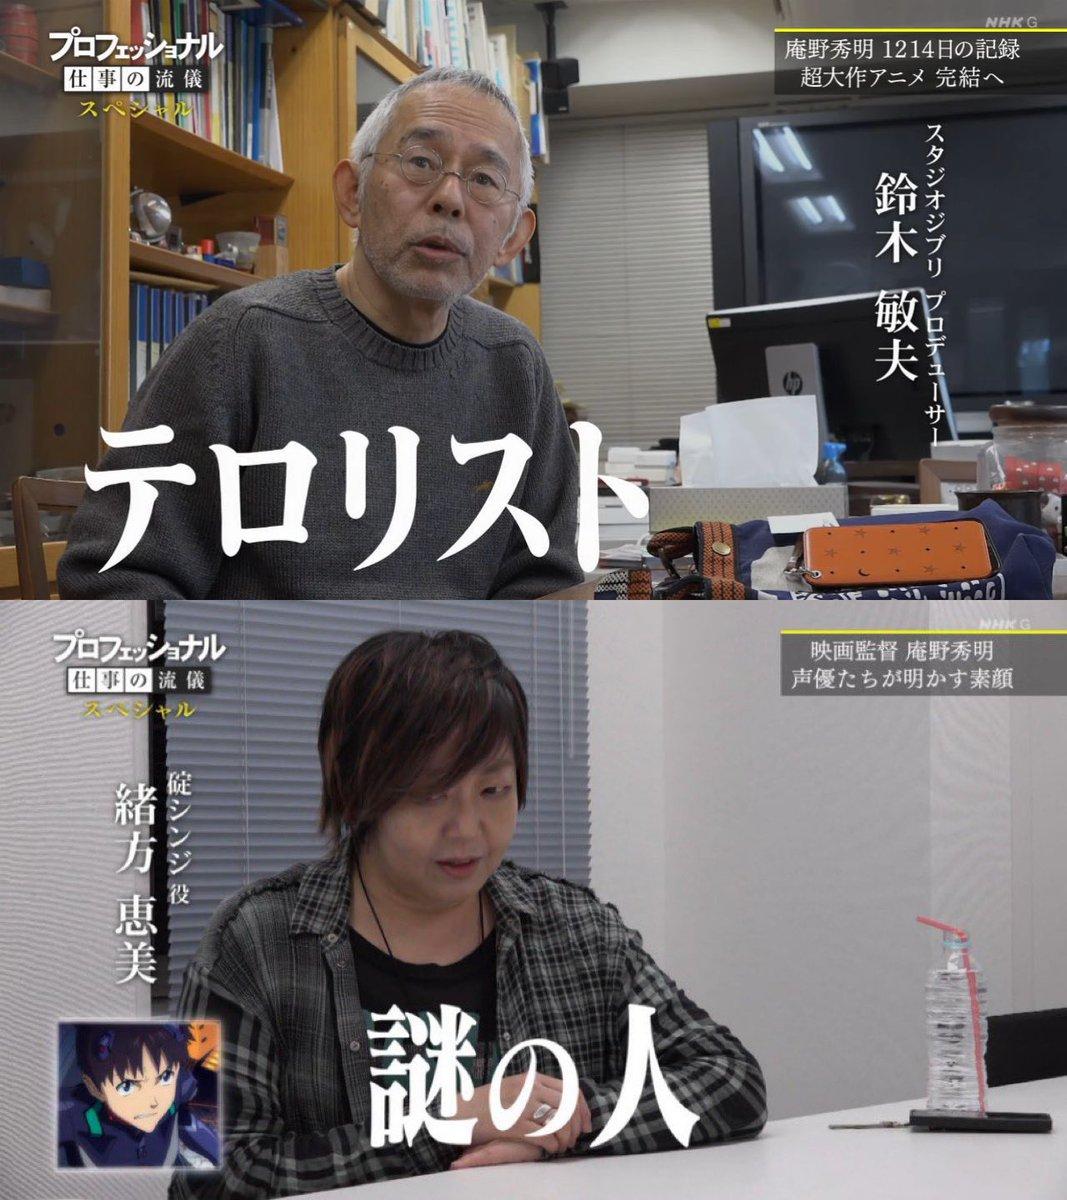 庵野秀明監督の印象めっちゃ笑った  #プロフェッショナル